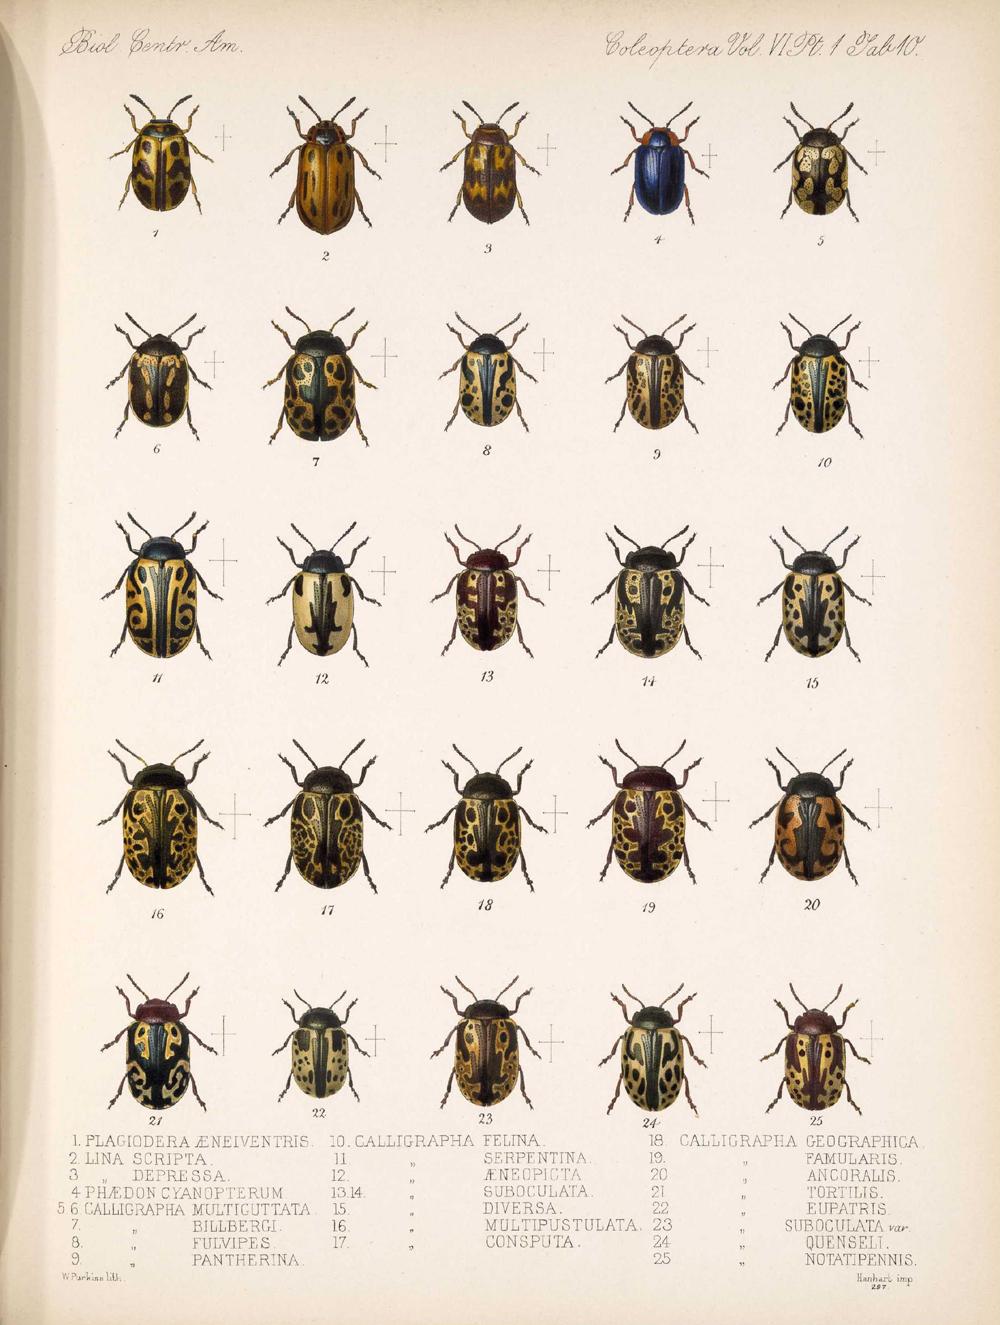 Beetles,  Image number:bca_12_06_01s_394